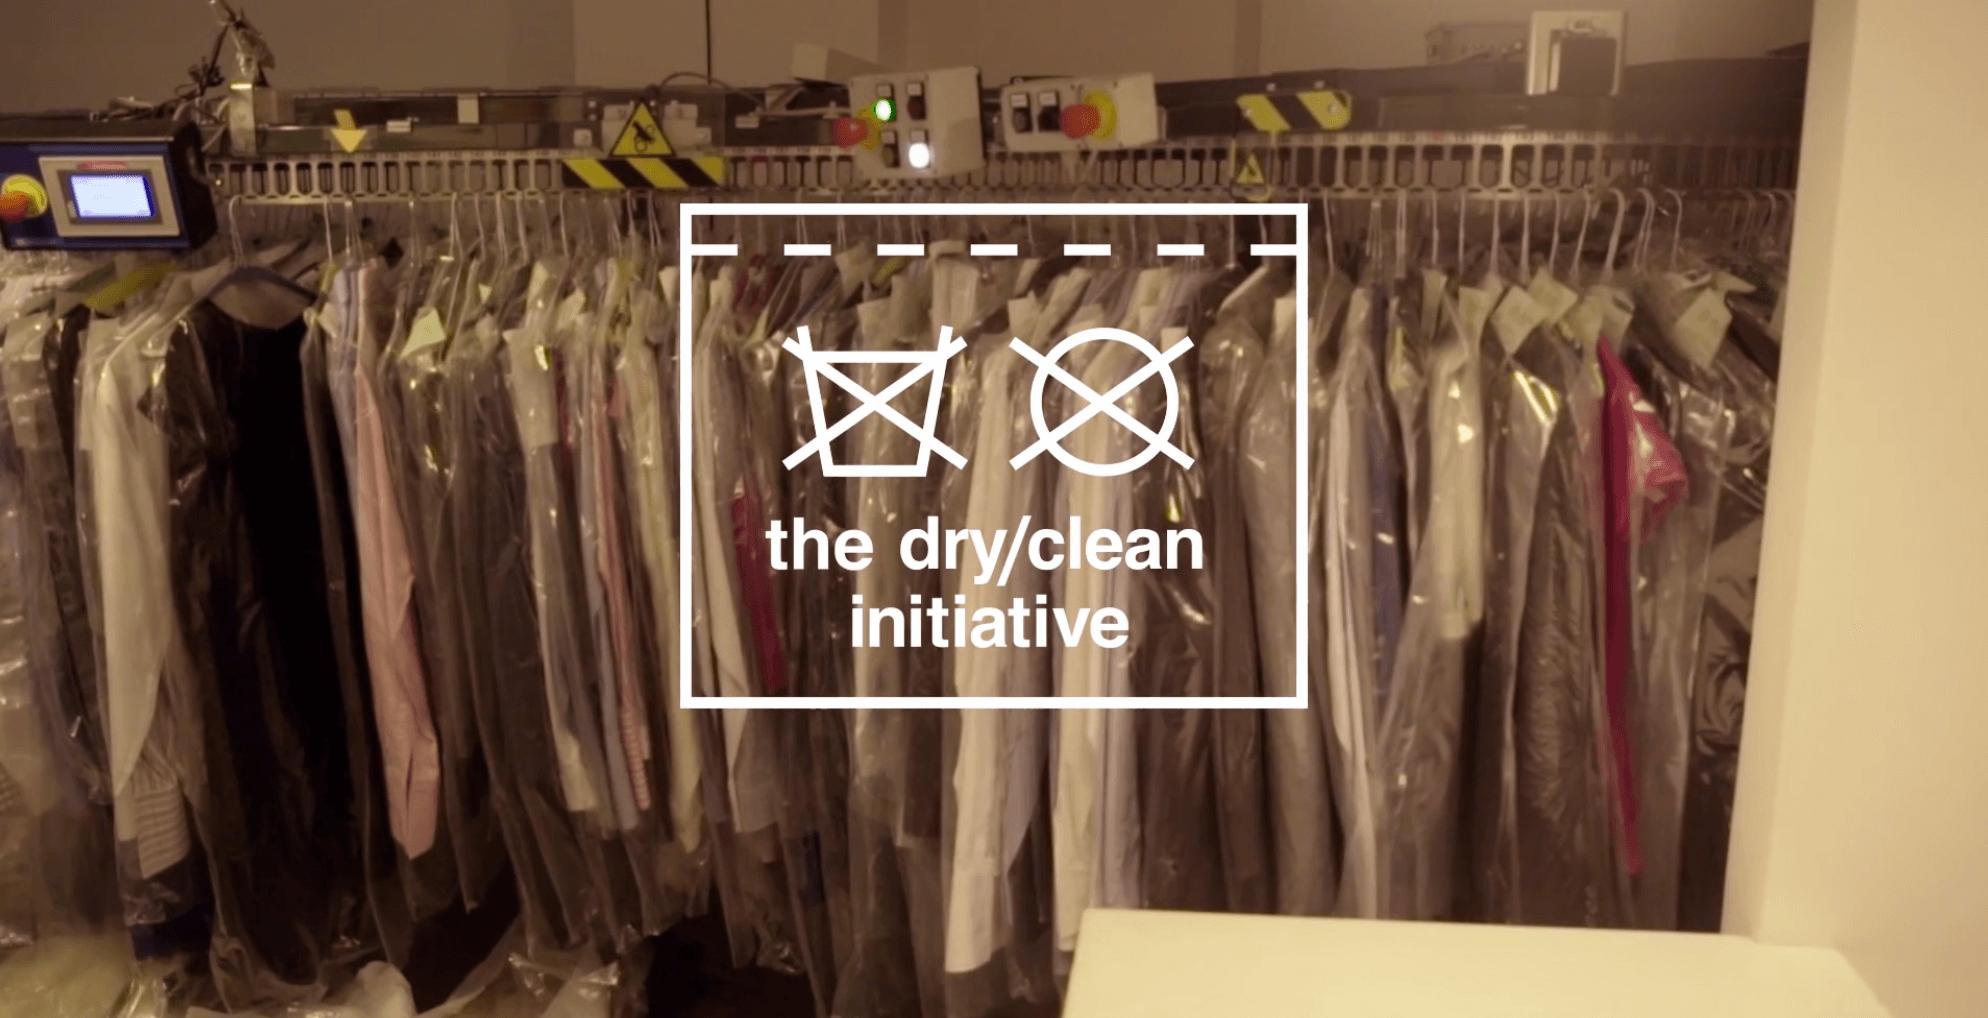 Dry/Clean Initiative